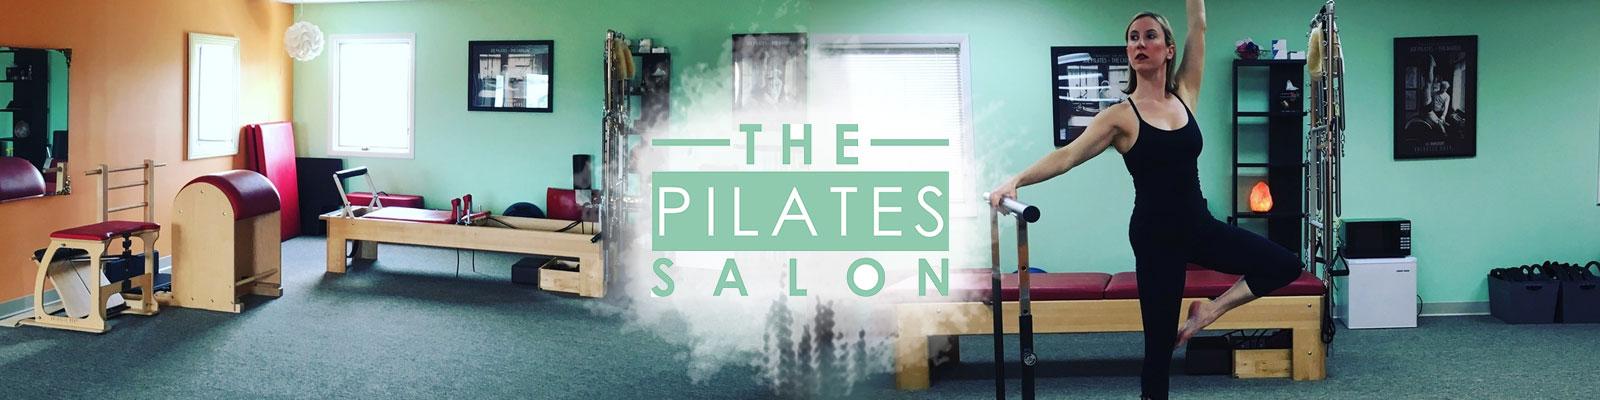 The Pilates Salon BiziFit